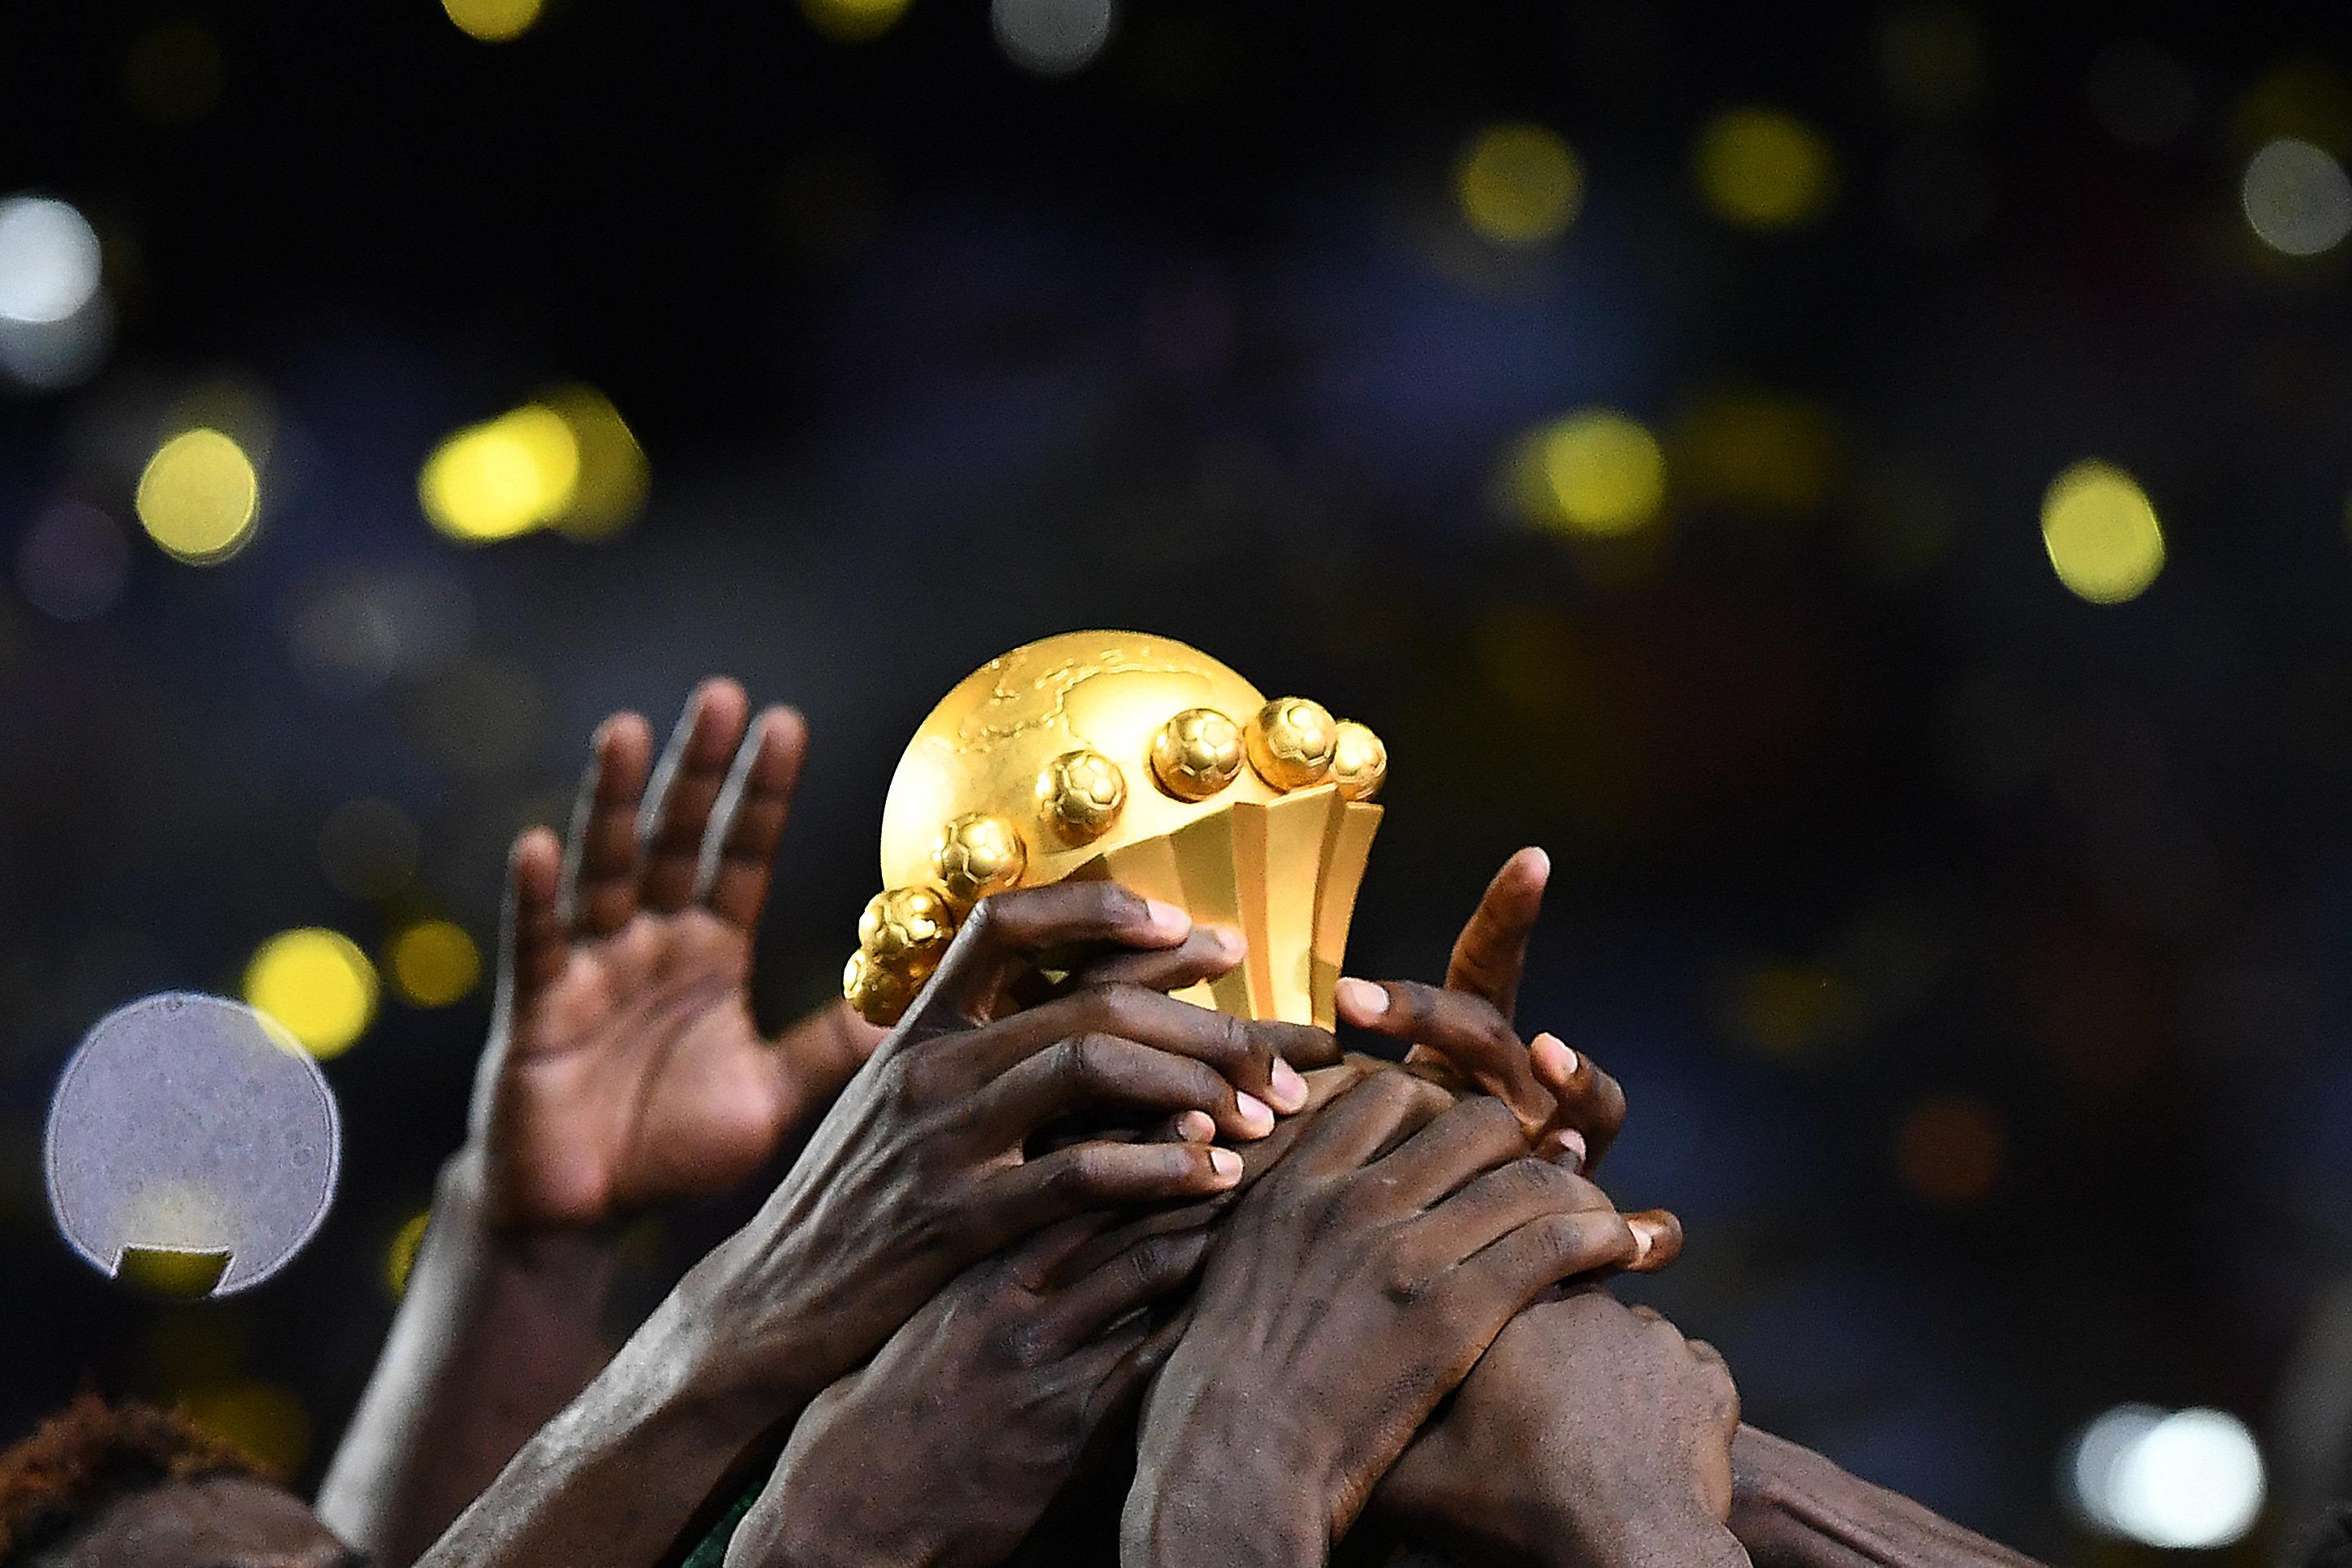 La CAF lance un appel d'offres pour les droits TV de la CAN